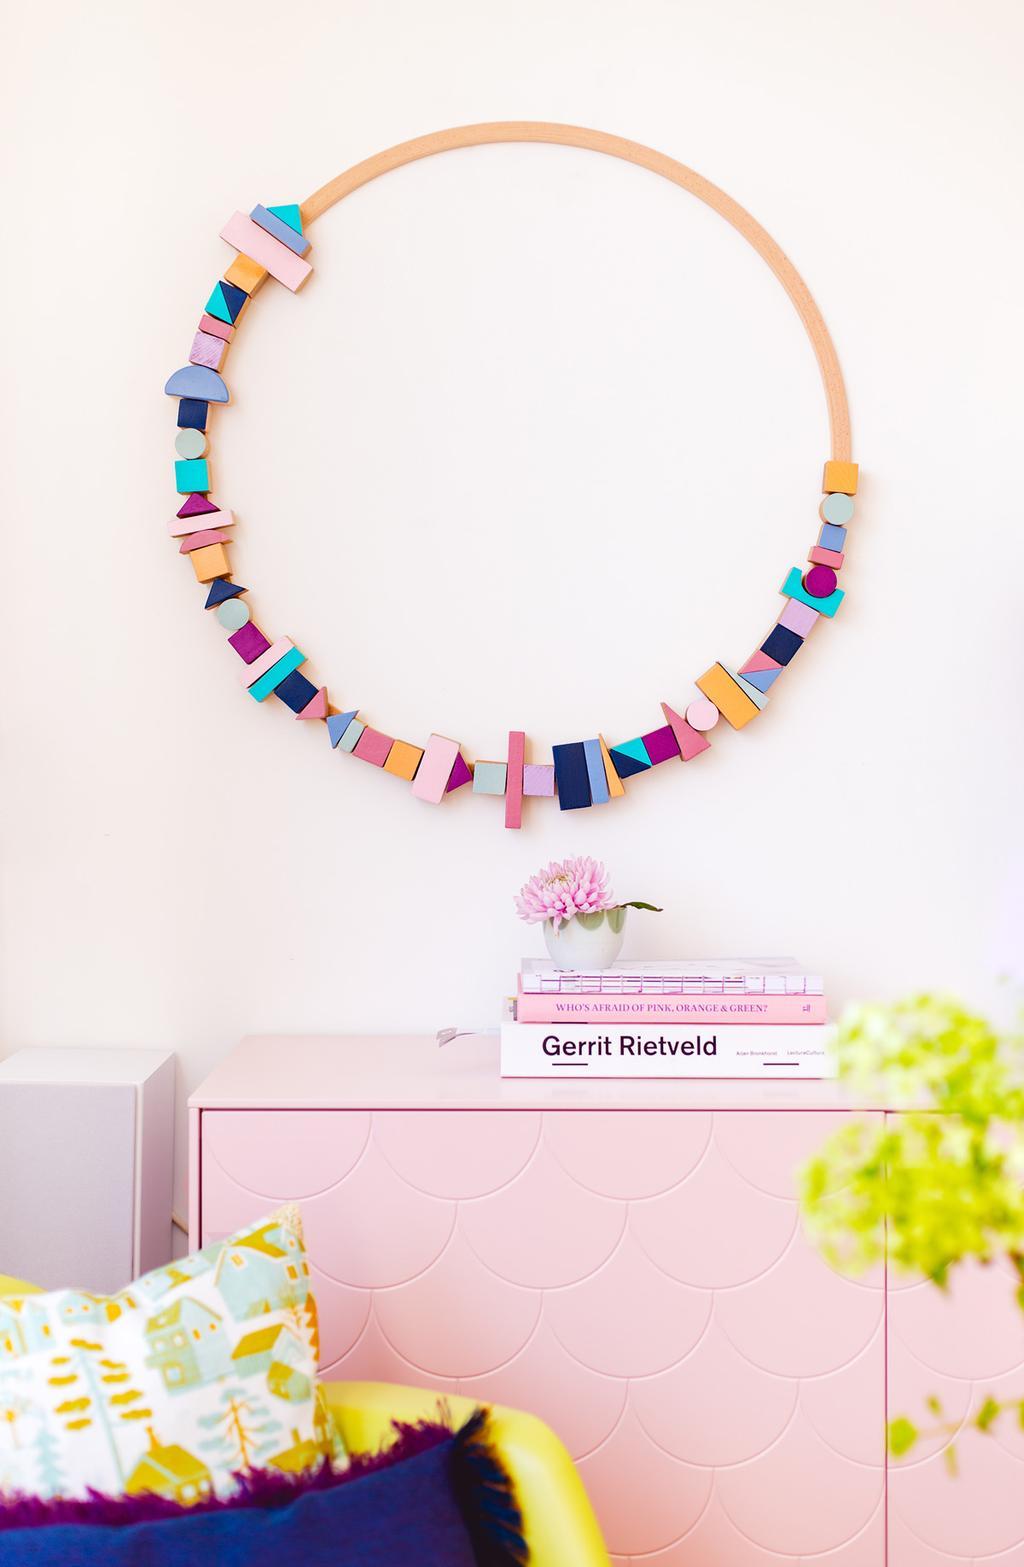 Blokjeskrans op de muur met roze dressoir